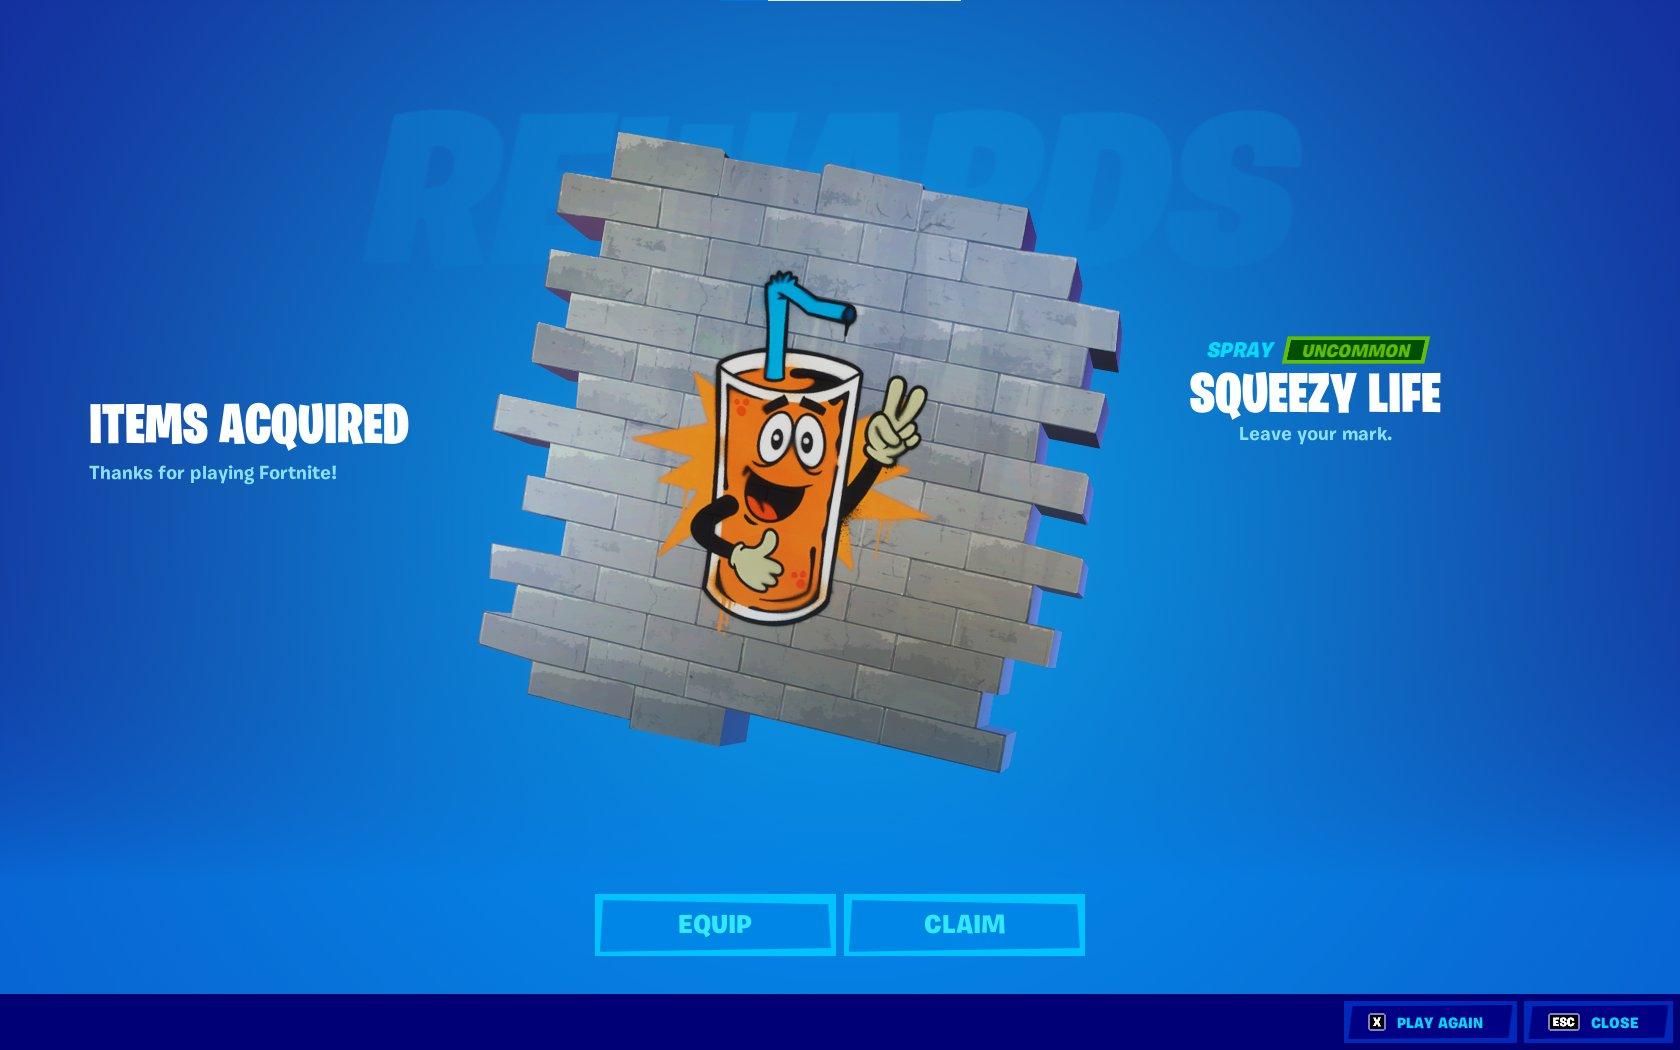 Gratis DLC voor Fortnite Squeezy Life Spray